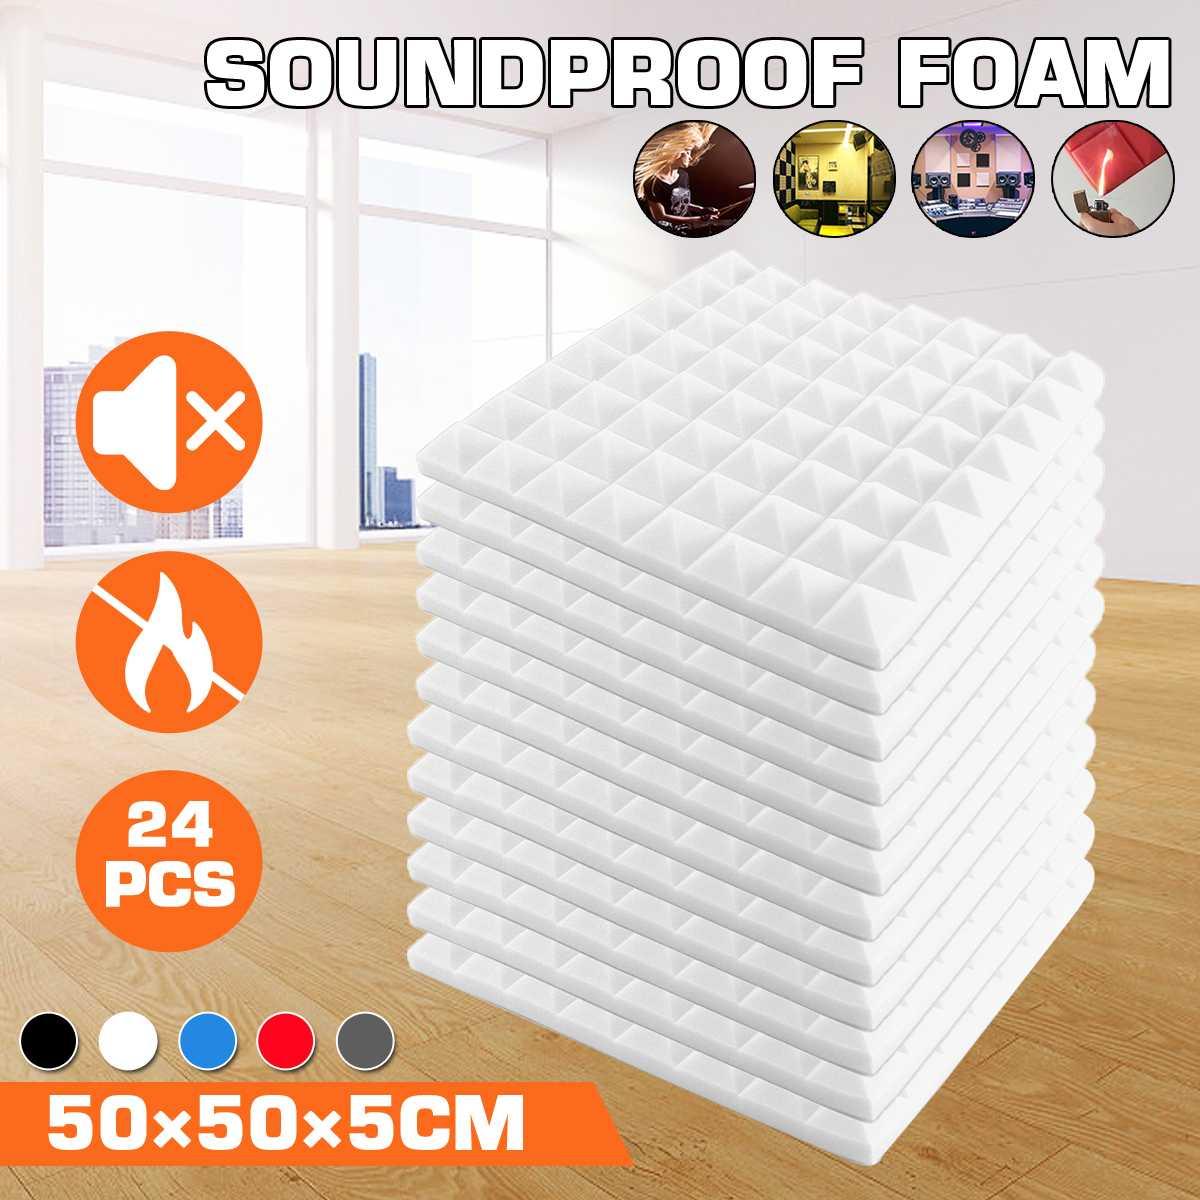 24PCS 50x50x5cm Studio Acoustic Soundproof Foam Sound Absorption Treatment Panel Tile Protective Sponge 6 colors